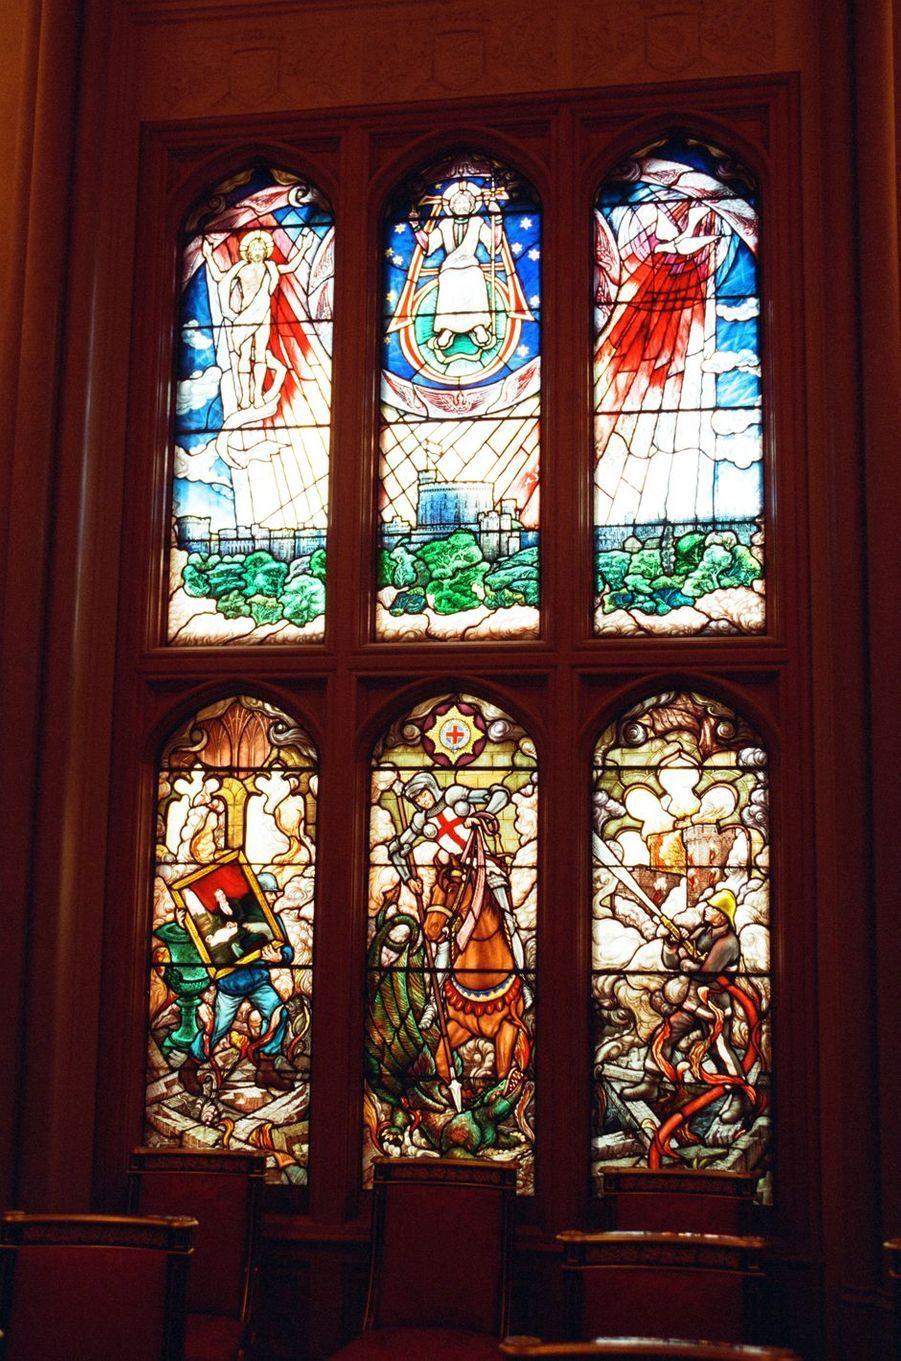 Les vitraux de la chapelle privée de la reine refaits après l'incendie du château de Windsor sur des dessins du prince Philip, le 17 novembre 1997